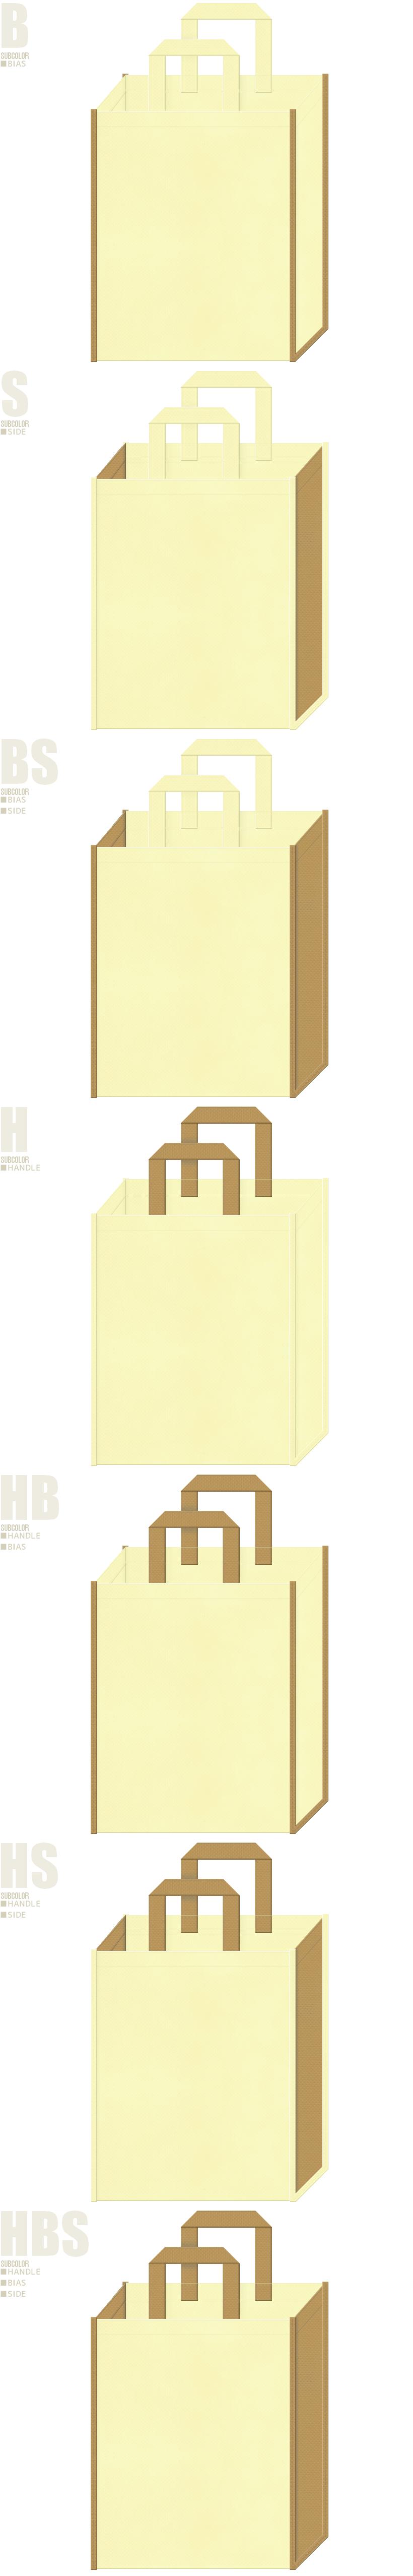 薄黄色と金色系黄土色、7パターンの不織布トートバッグ配色デザイン例。フェミニンファッション・手芸用品の展示会用バッグにお奨めです。